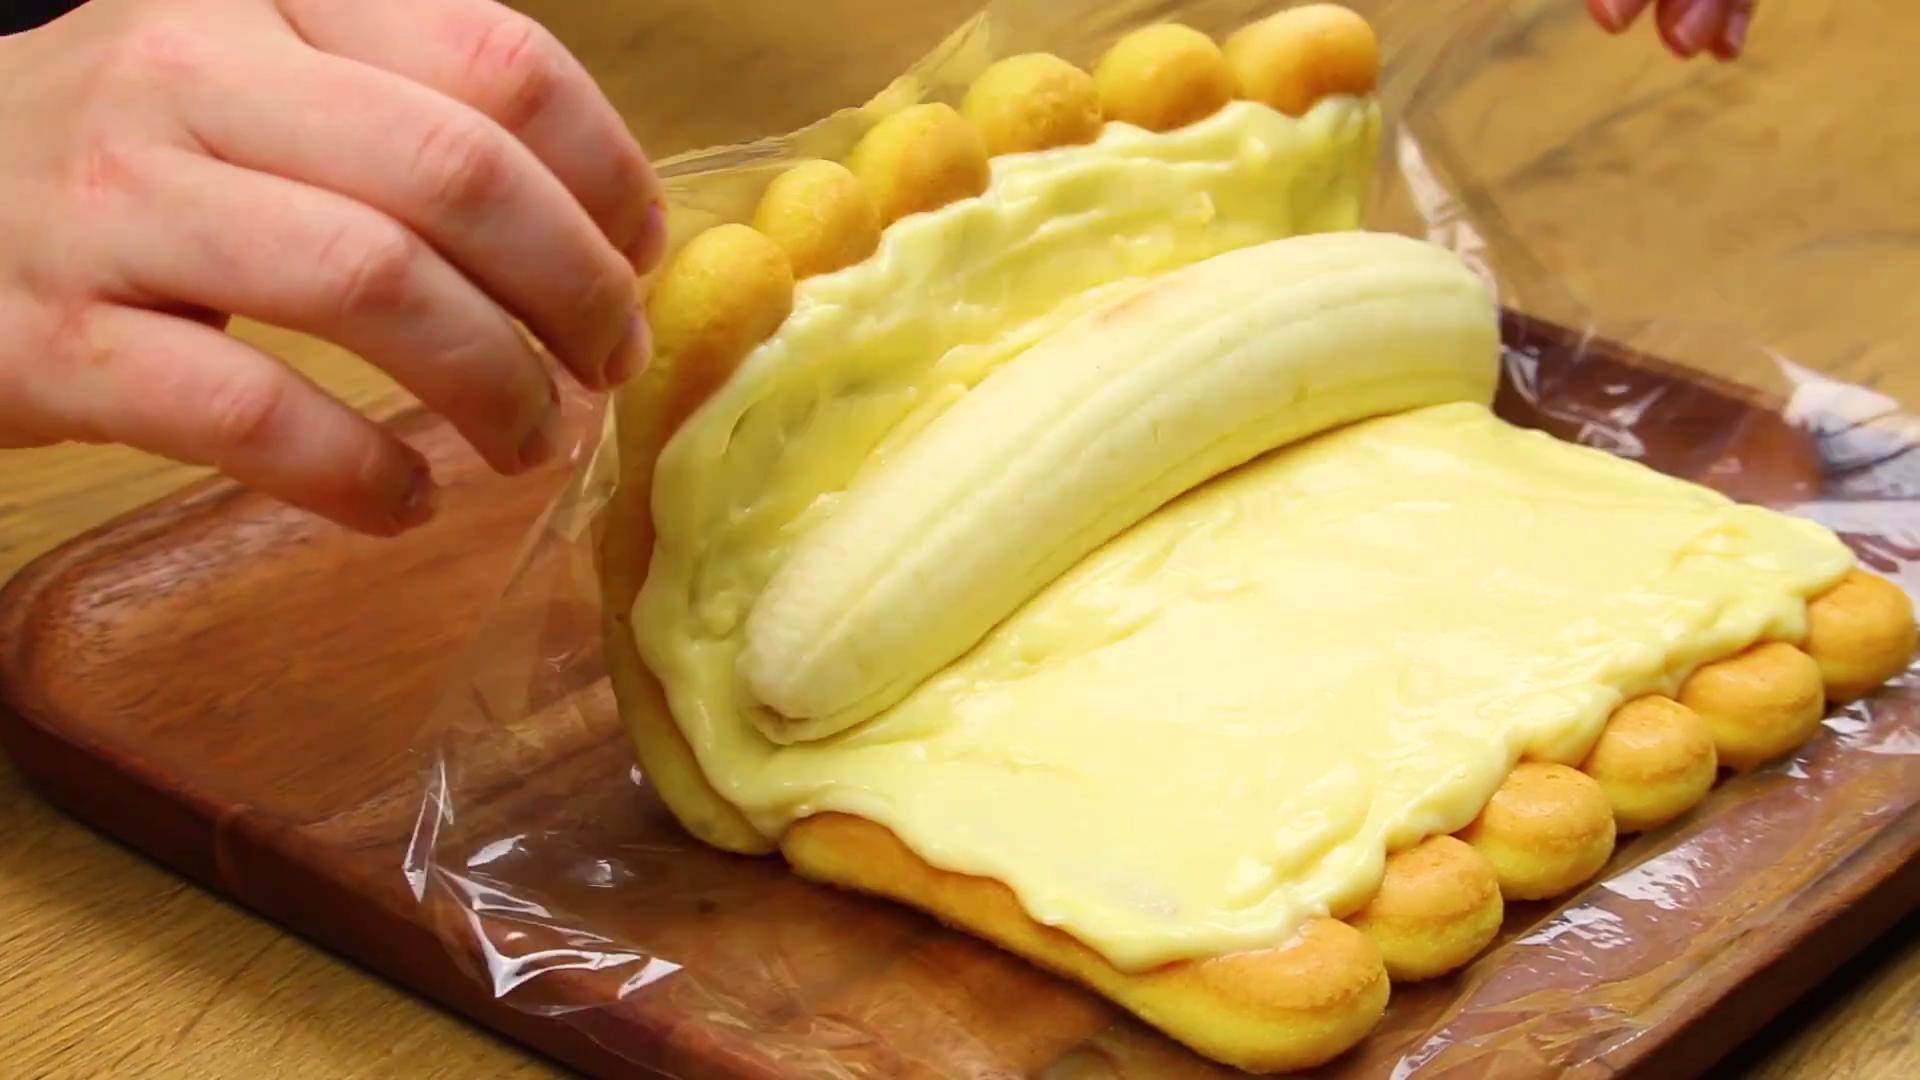 Kein Herz Aus Gold Aber Aus Banane Fluffige Loffelbiskuit Rolle